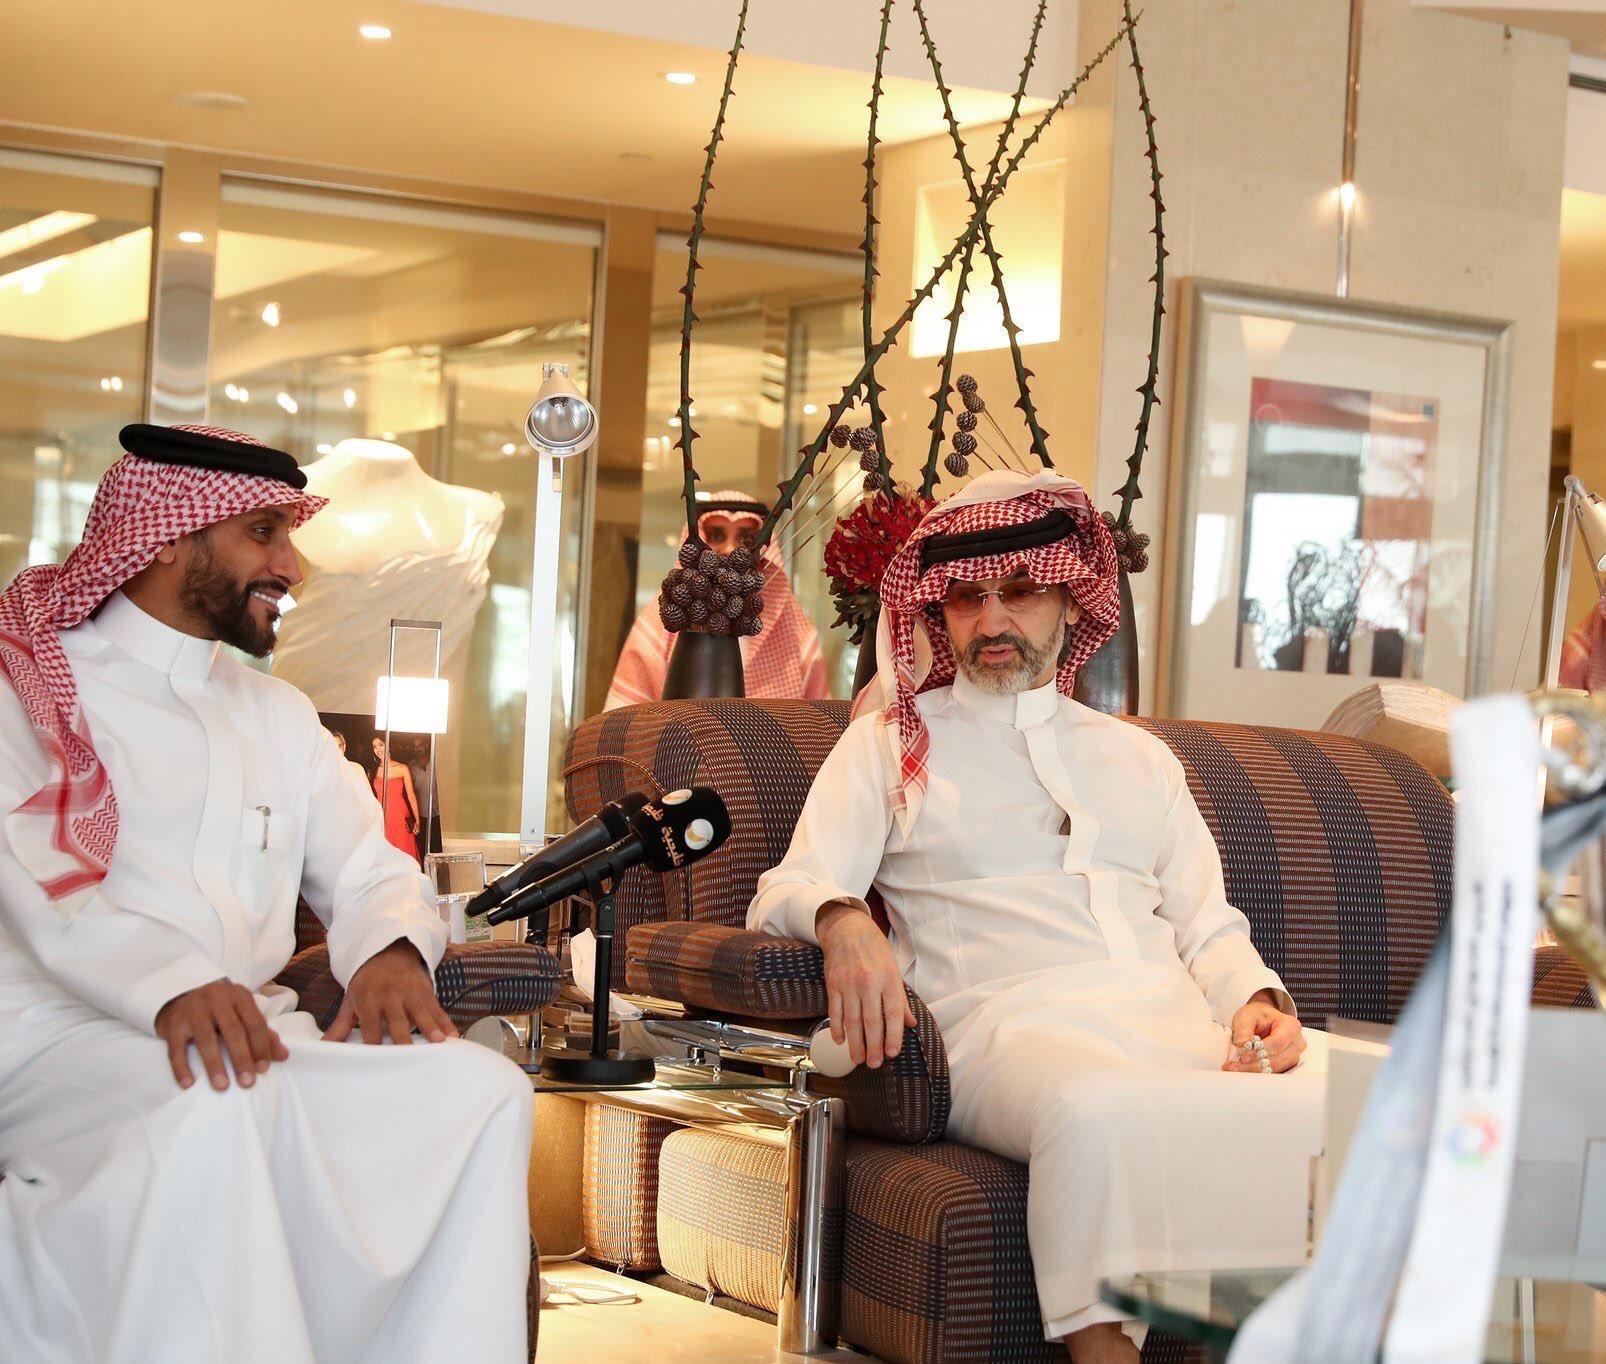 تقارير صحافية : الوليد بن طلال سيجتمع بالهلاليين و هناك وعود بمفاجأة